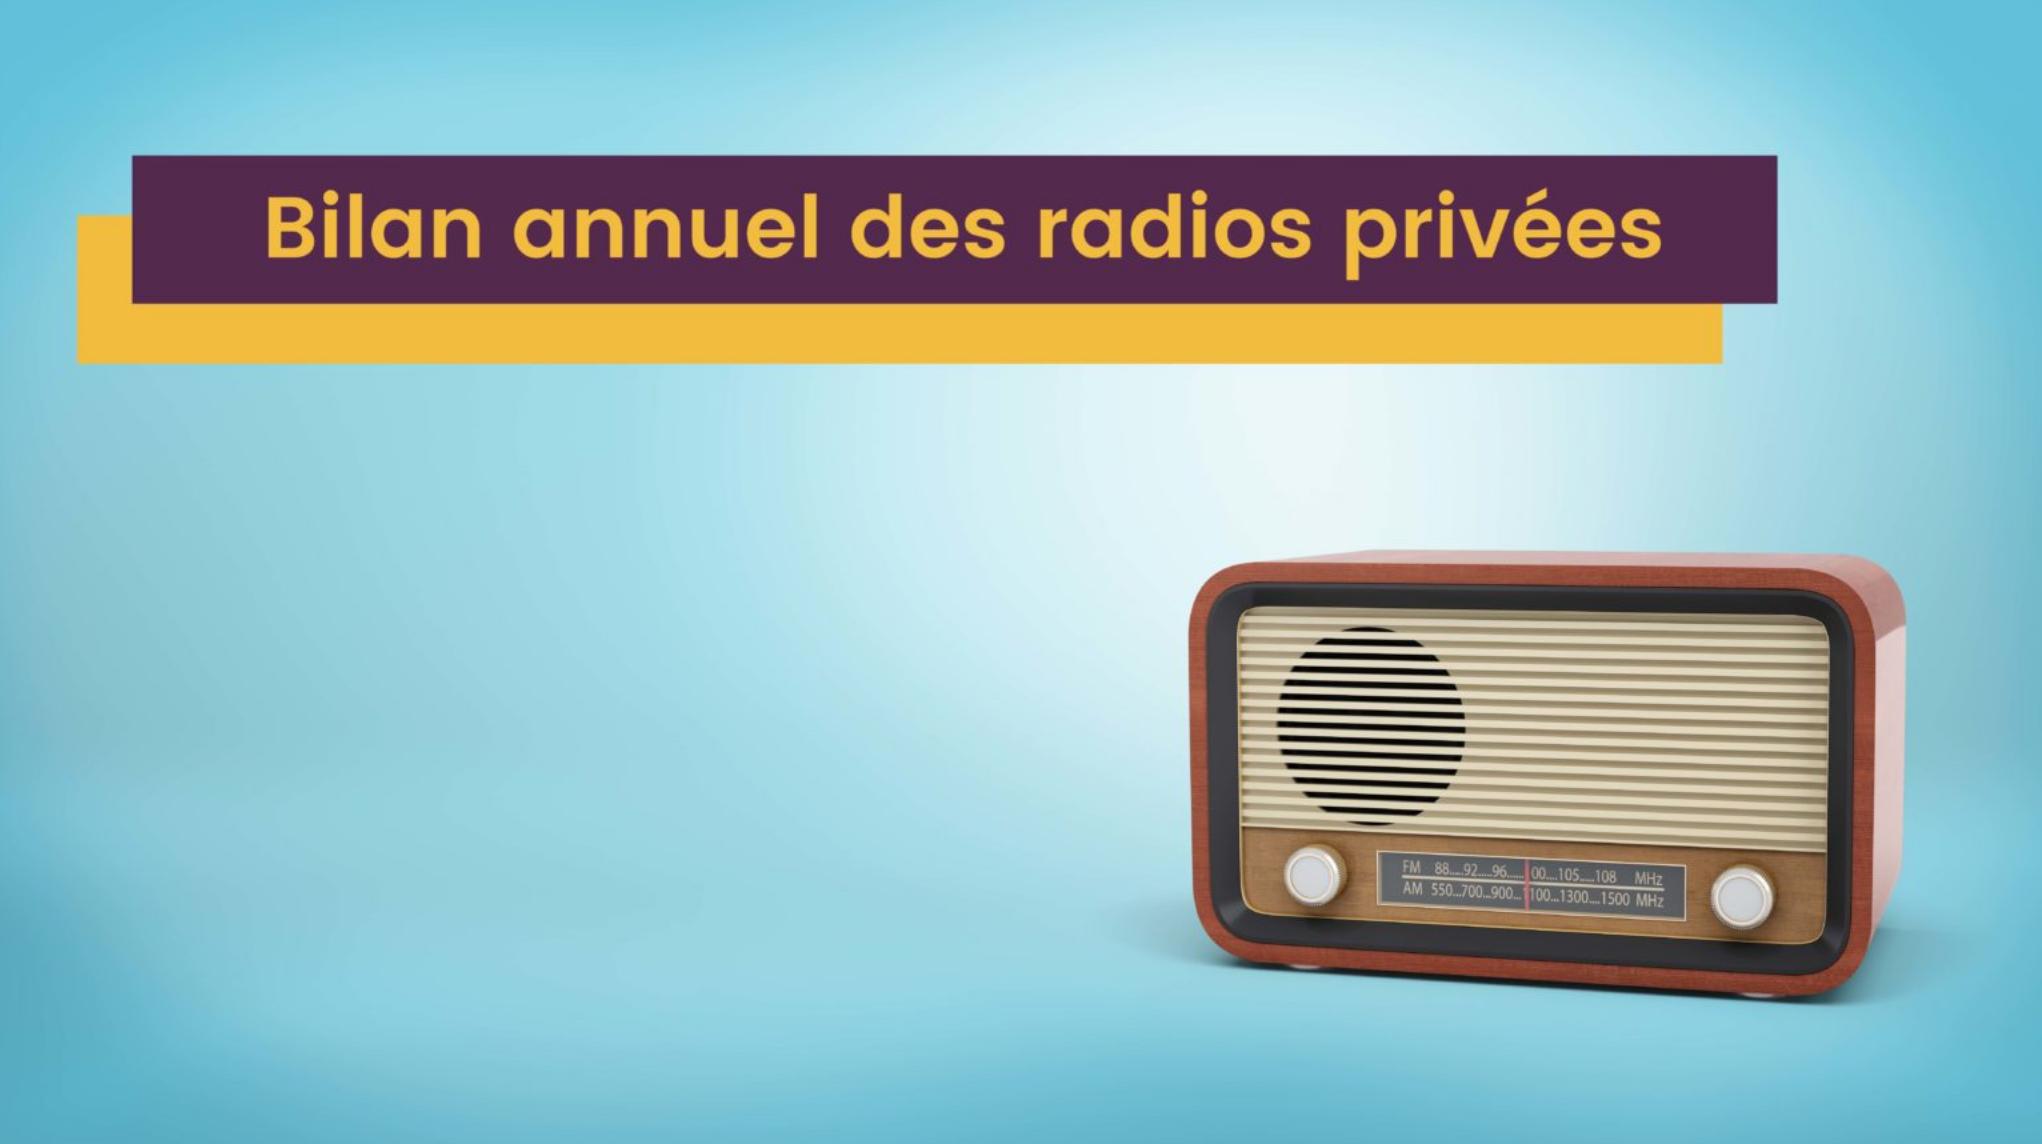 Belgique : le CSA publie son bilan annuel des radios privées